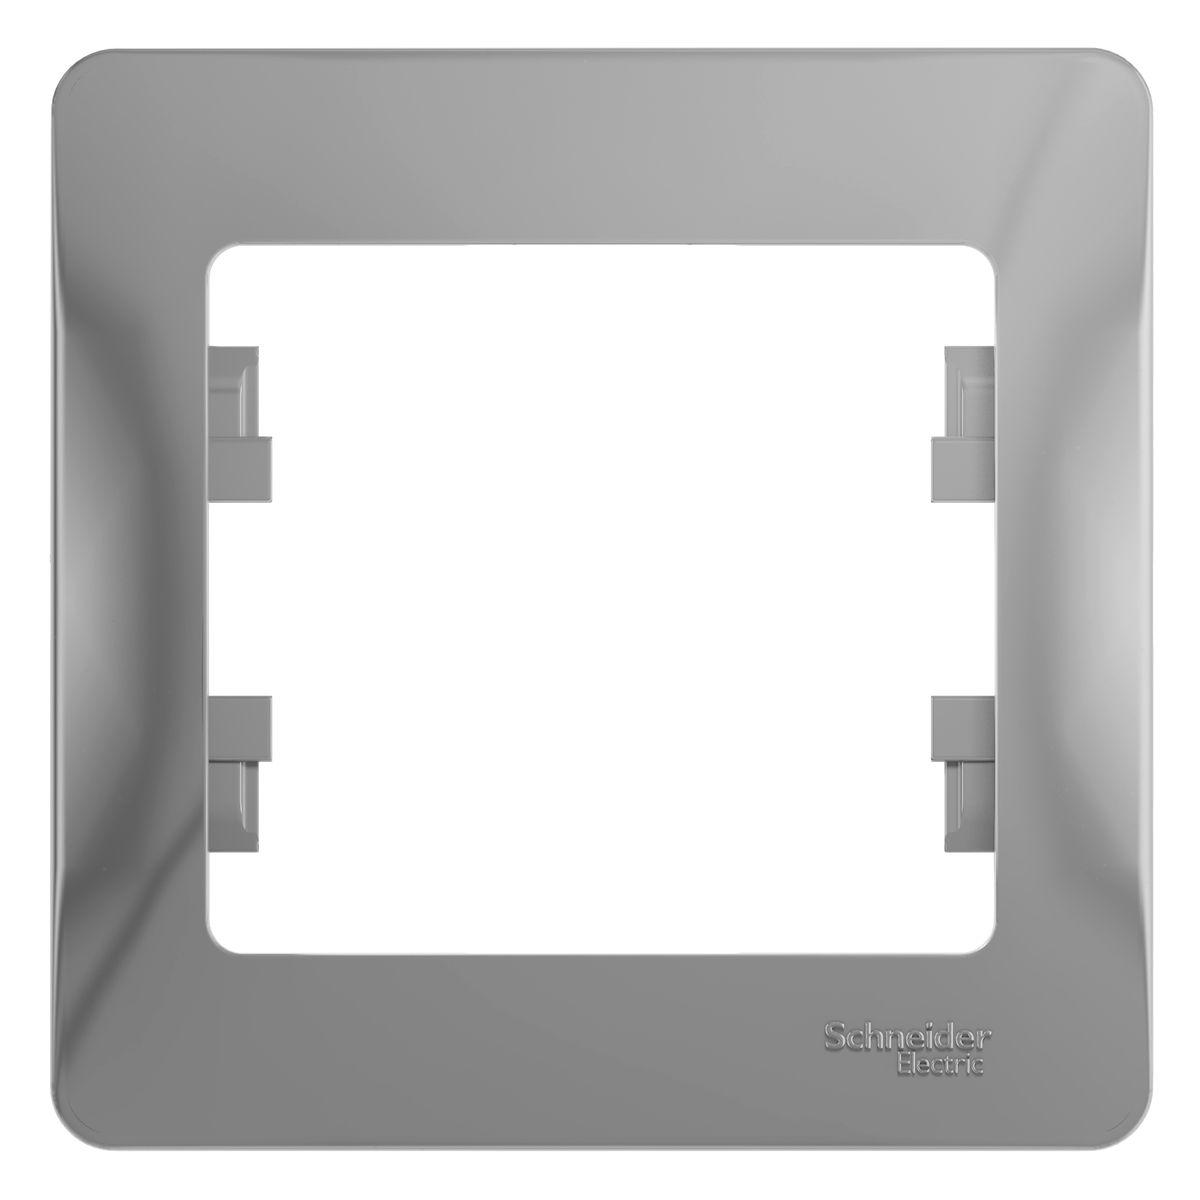 Рамка для встраиваемой розетки Schneider Electric Glossa, на 1 пост, цвет: алюминийGSL000301Рамка Schneider Electric Glossa выполнена из пластика и используется для окантовки встраиваемой розетки. Рамка отвечает основным требованиям безопасности и удобства монтажа. Современный дизайн и элегантная цветовая гамма подойдут к любому интерьеру. Размер рамки: 8,5 х 8,5 х 1 см.